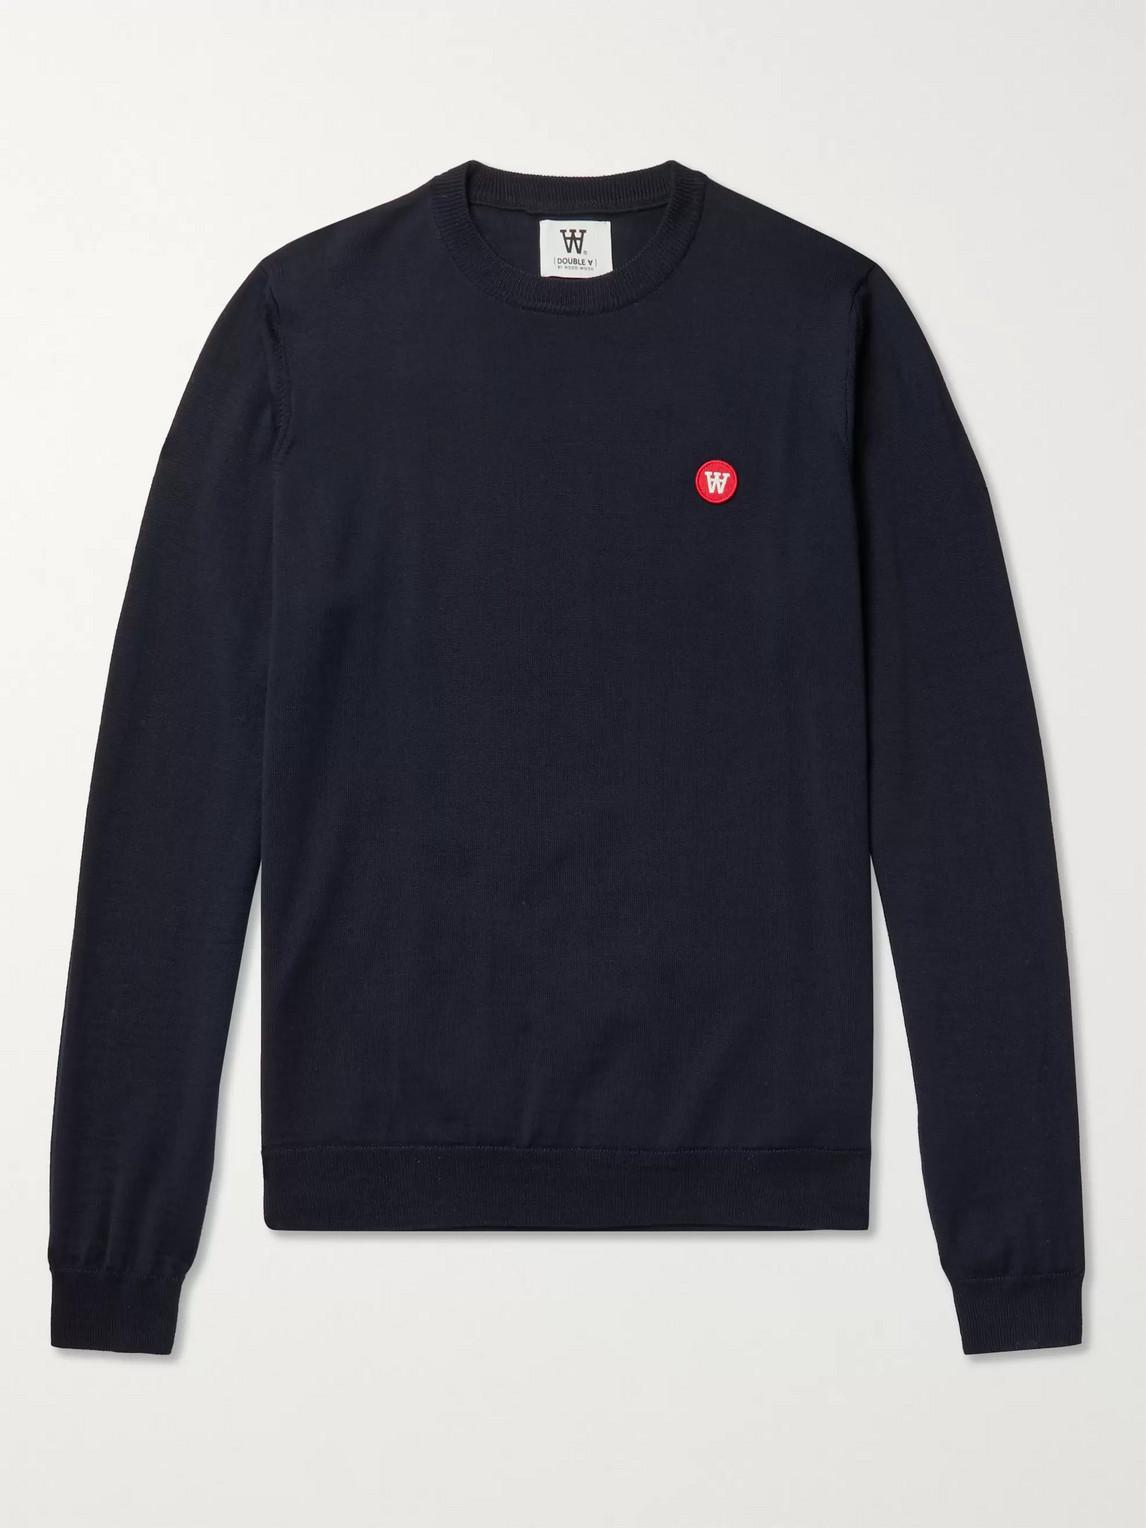 Wood Wood Kip Logo-appliquéd Merino Wool Sweater In Blue